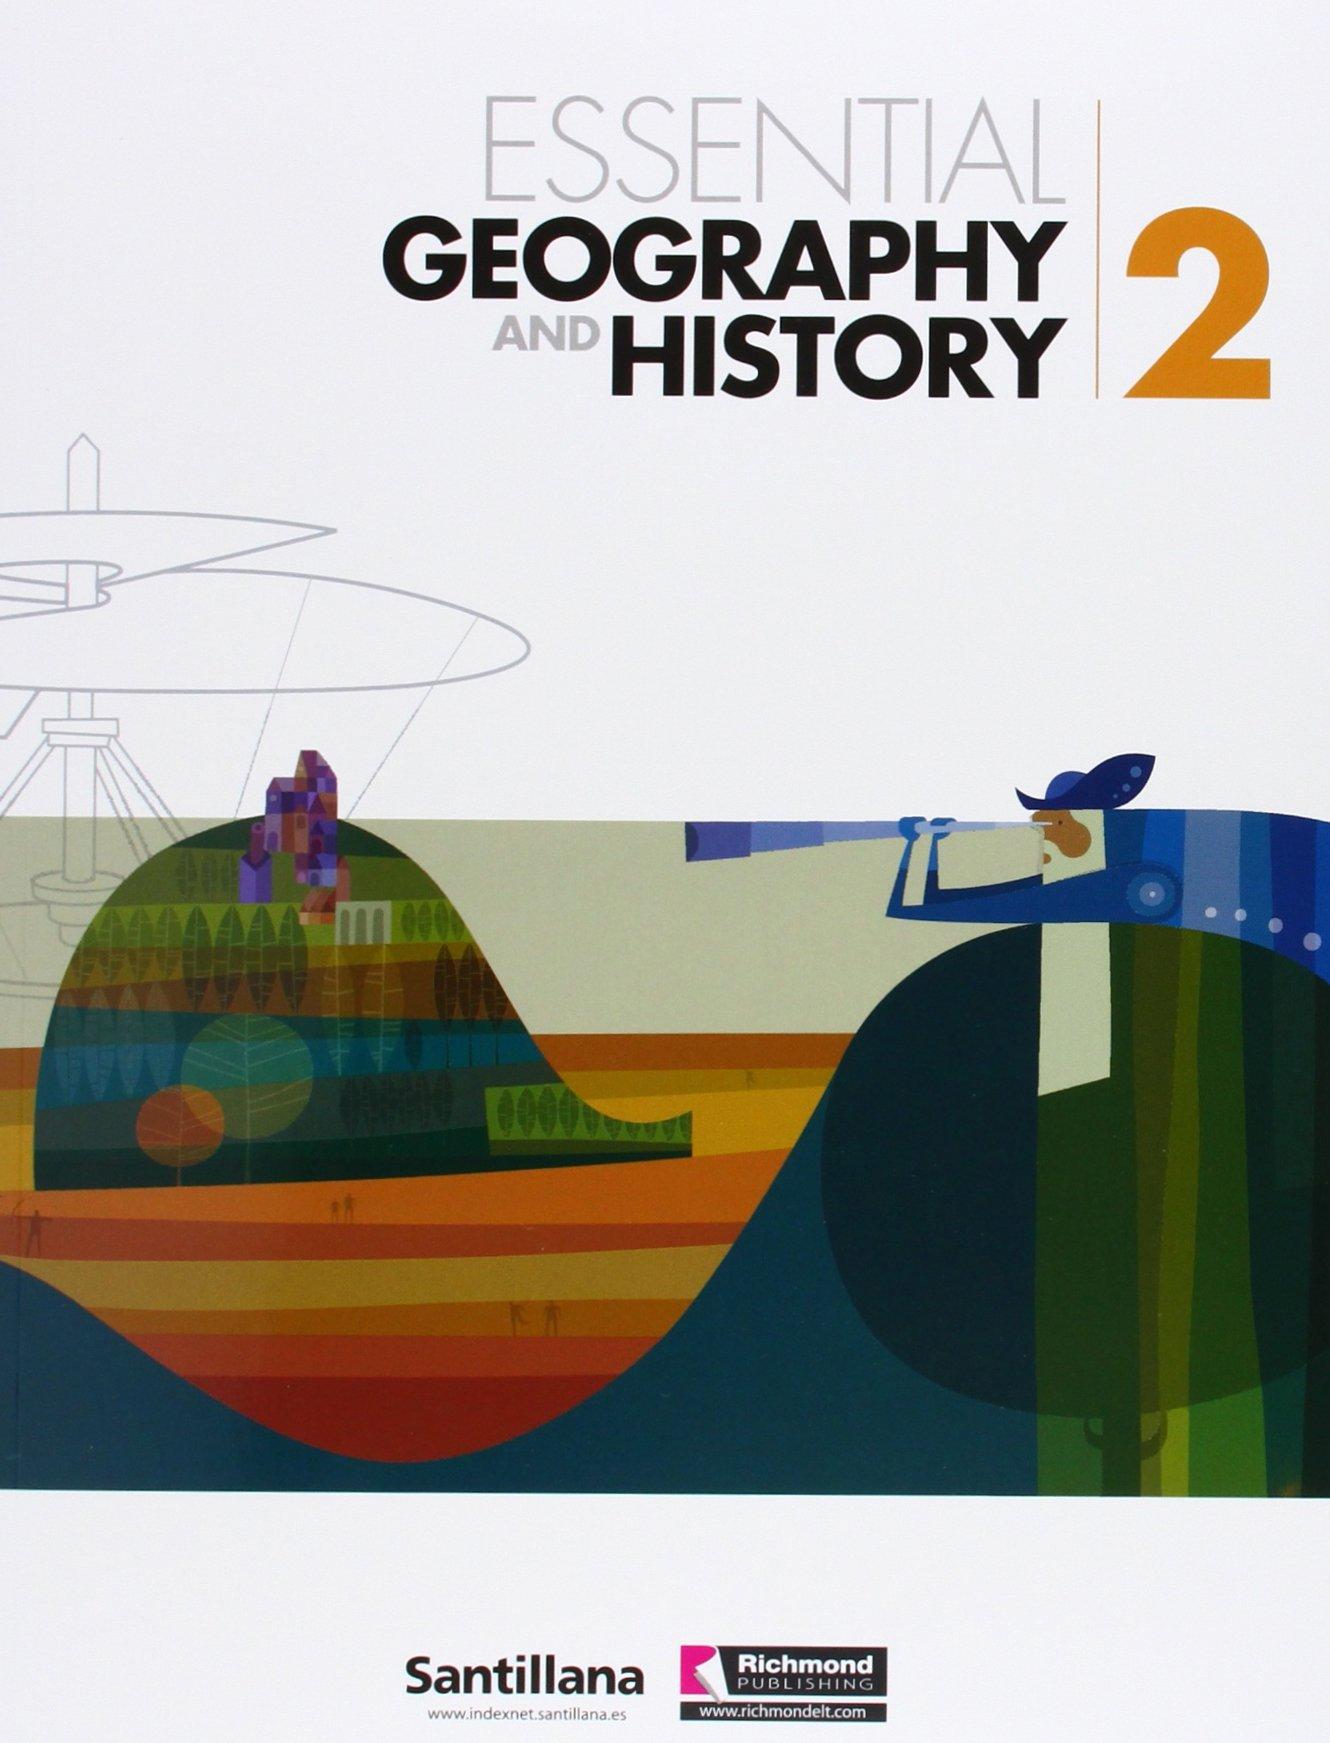 Essential Geography And History 2 + Cd Santillana Richmond: Amazon.es: Vv.Aa.: Libros en idiomas extranjeros